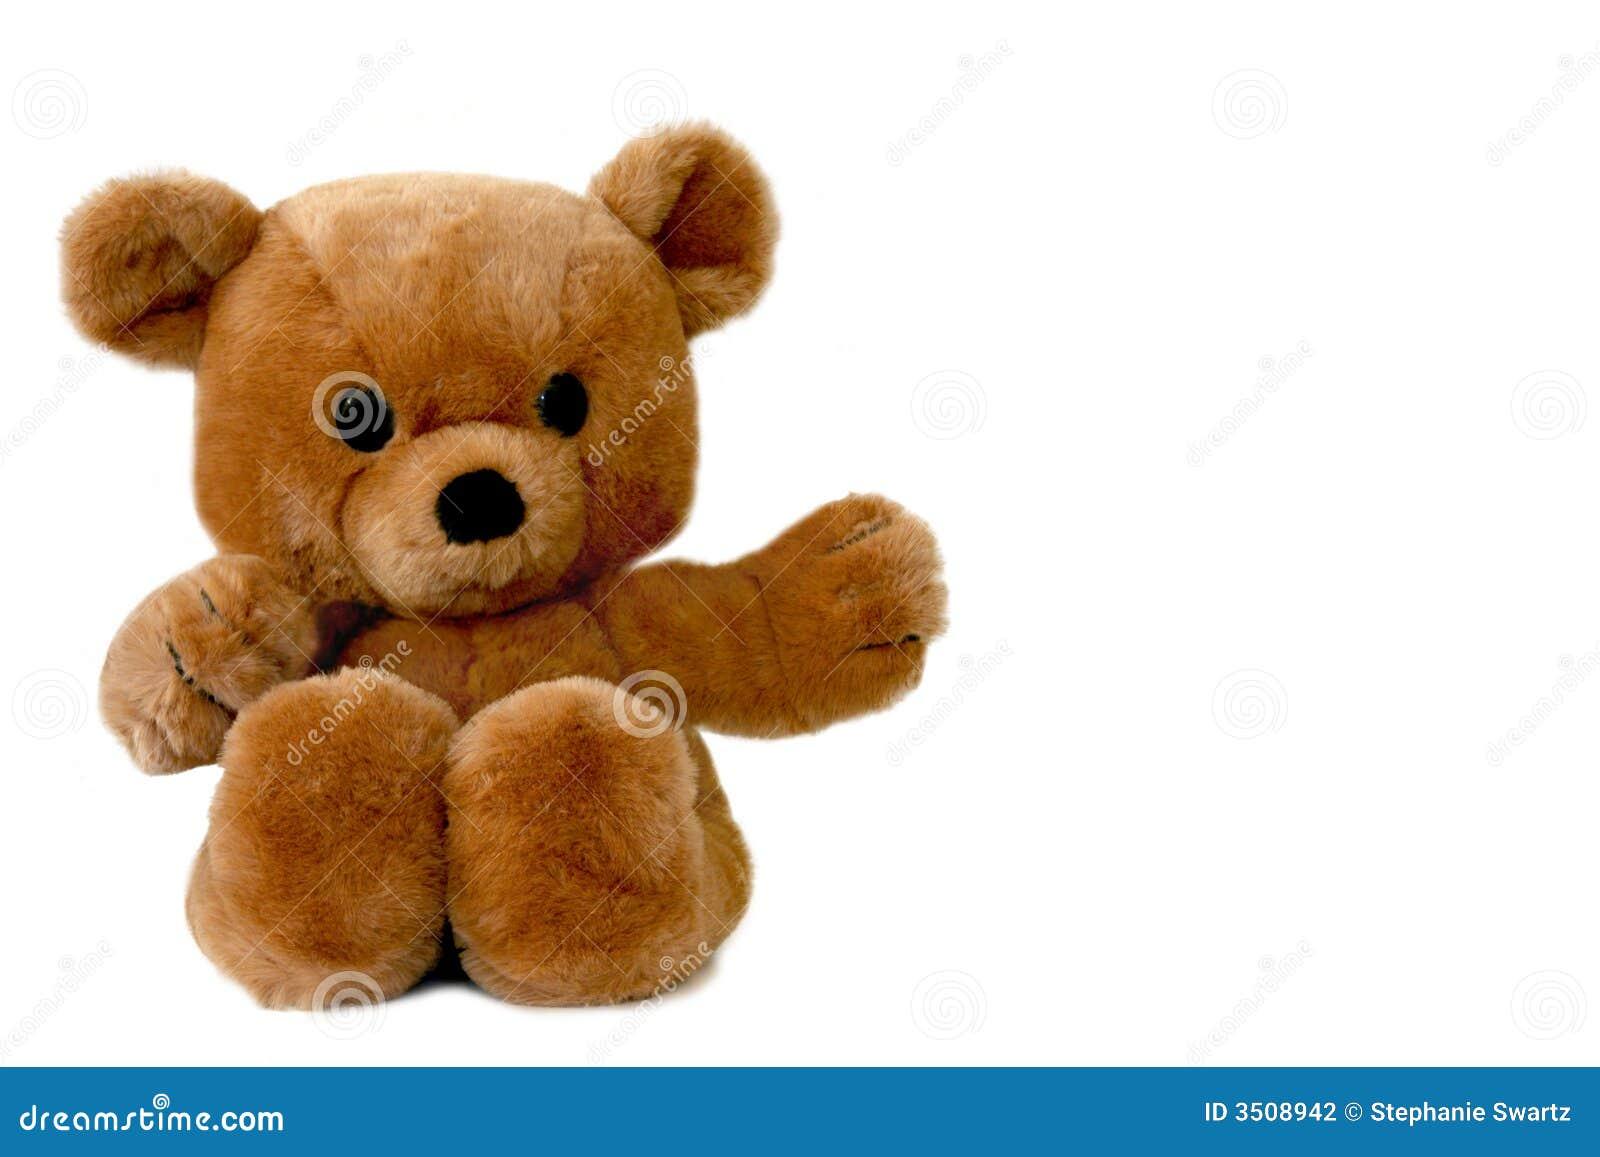 Urso de peluche marrom grande